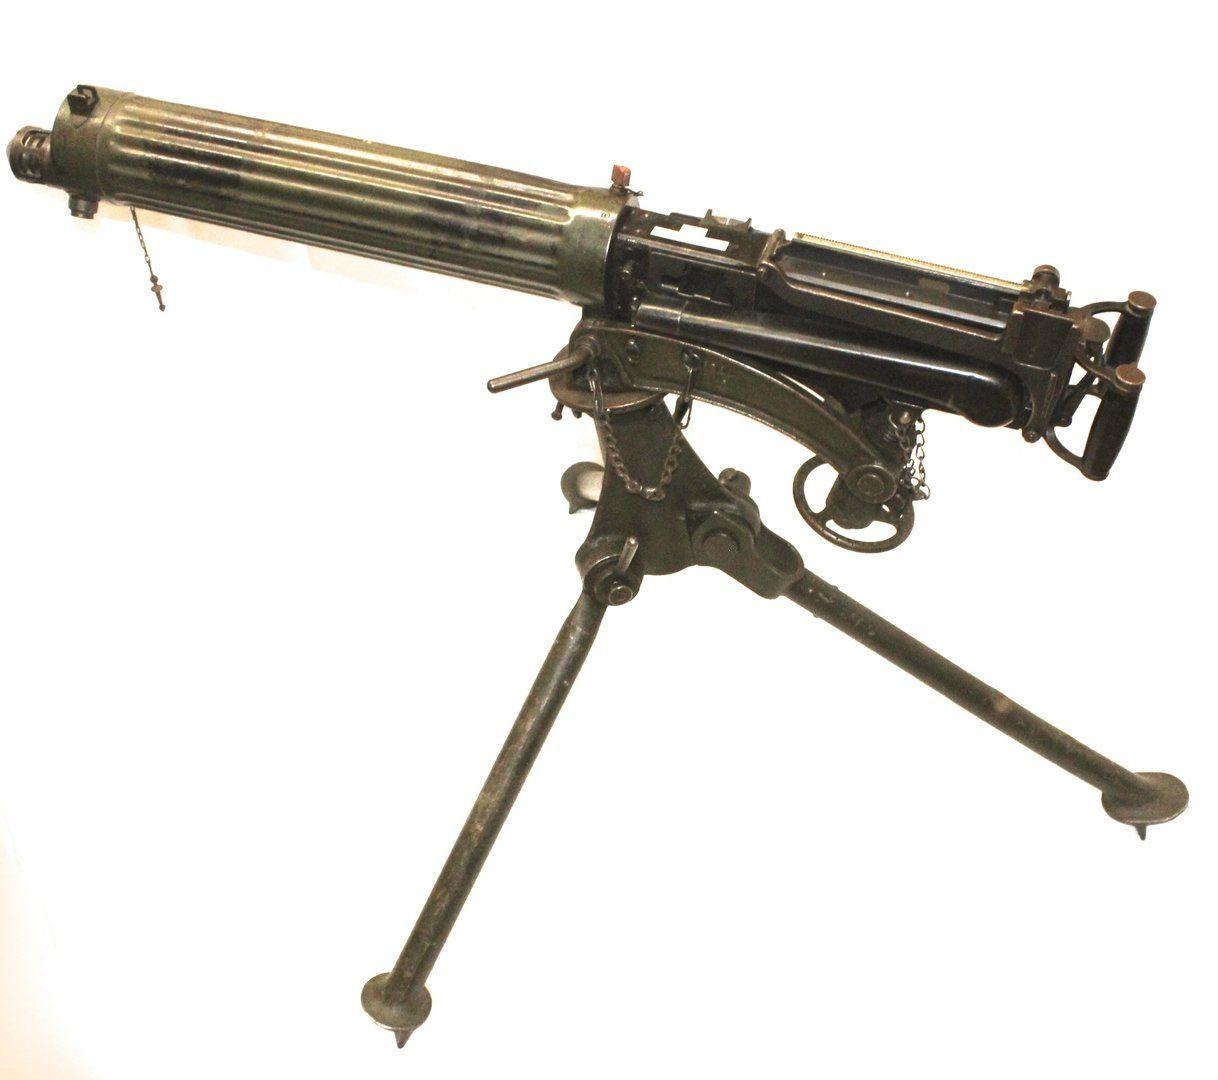 WW1 Weapons Machine Guns | WW1 British Vickers Machine Gun